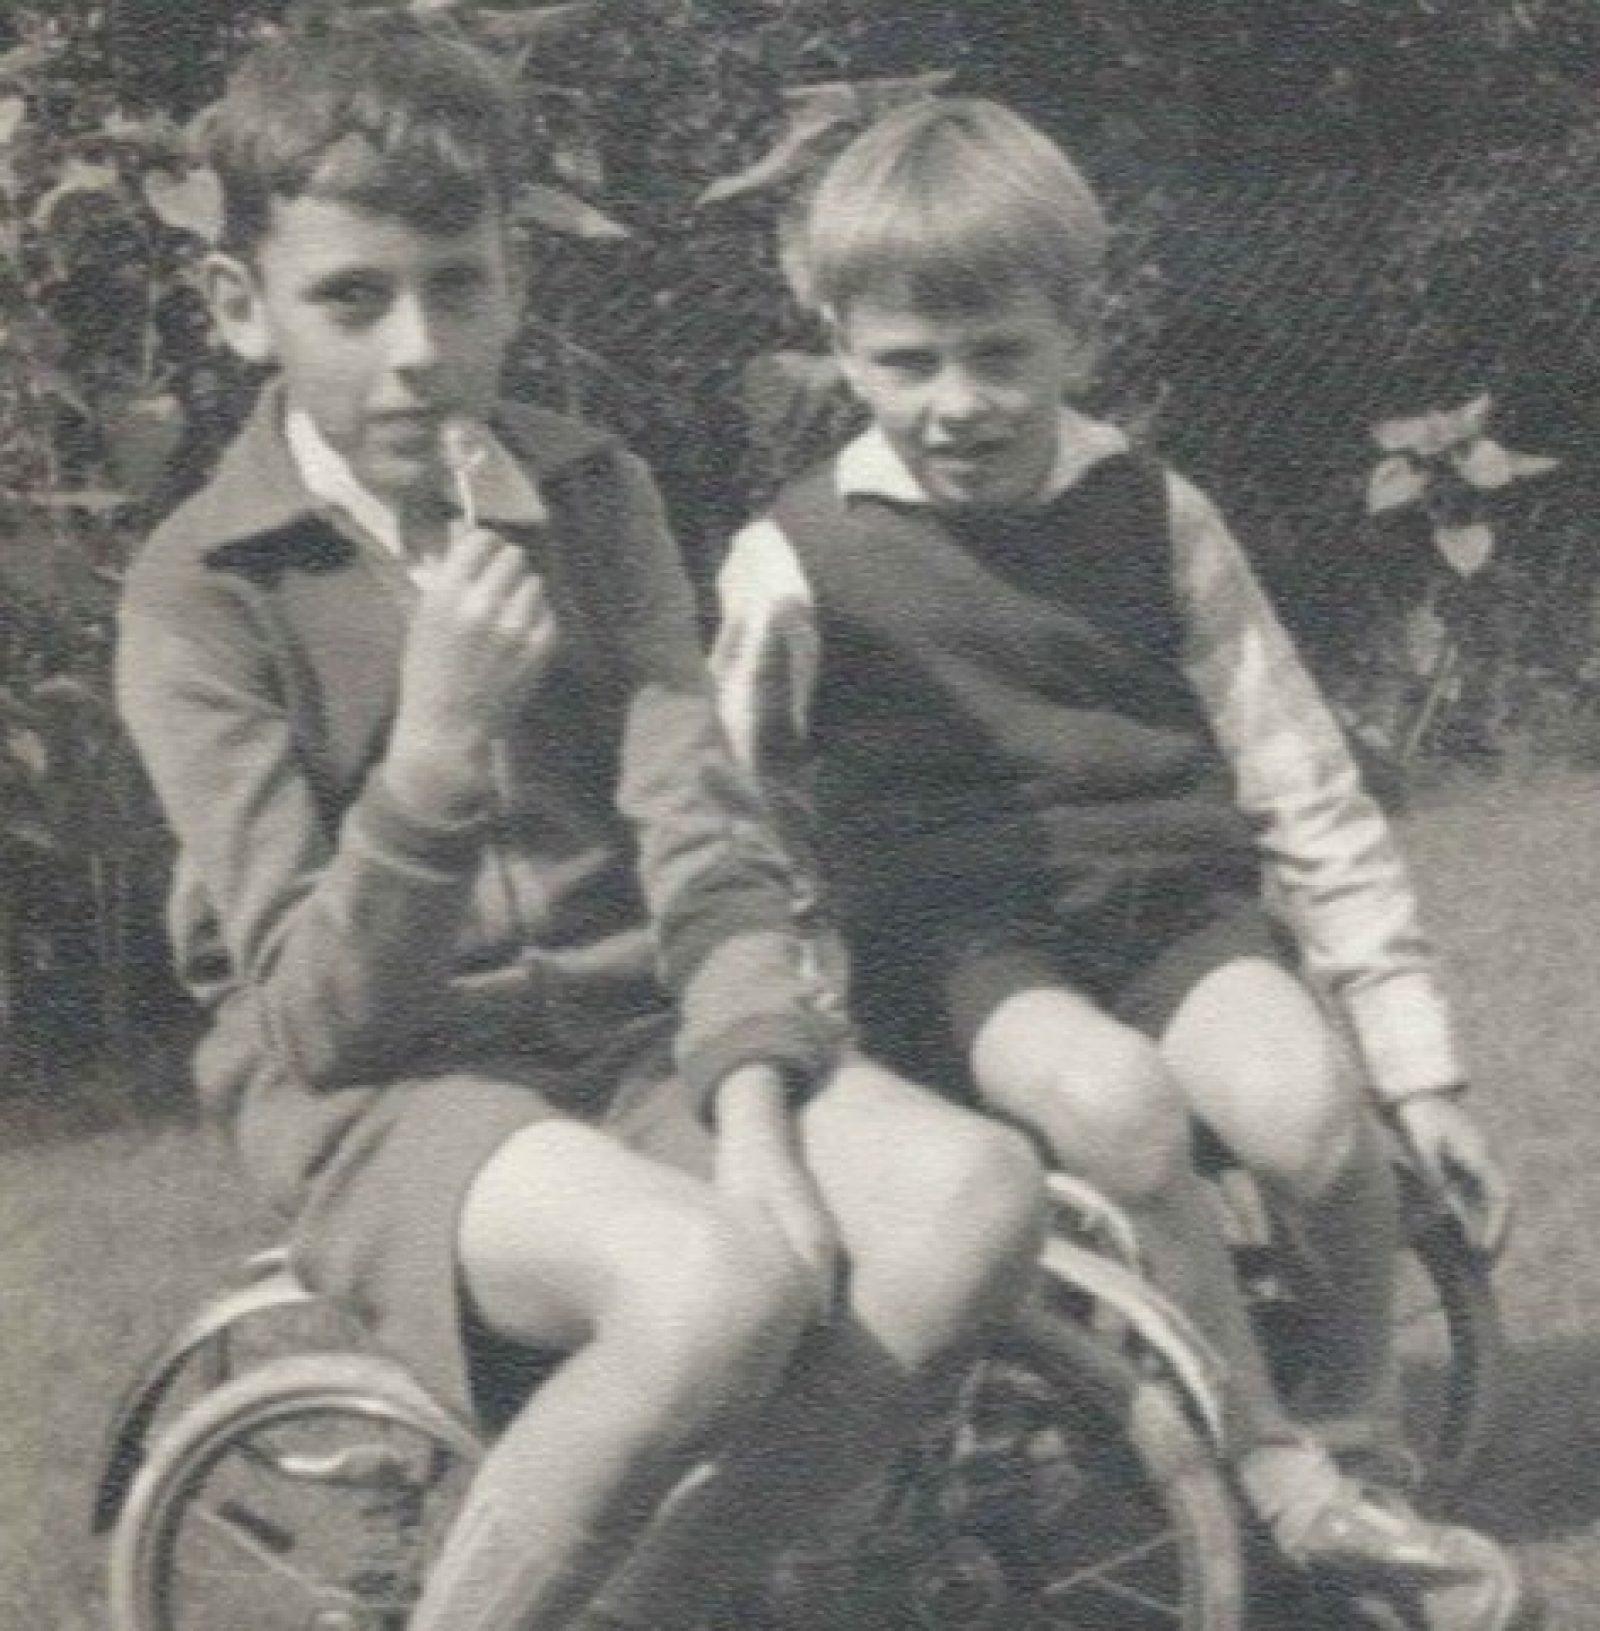 Jv Teeffelen beeld 2 jeugdfoto